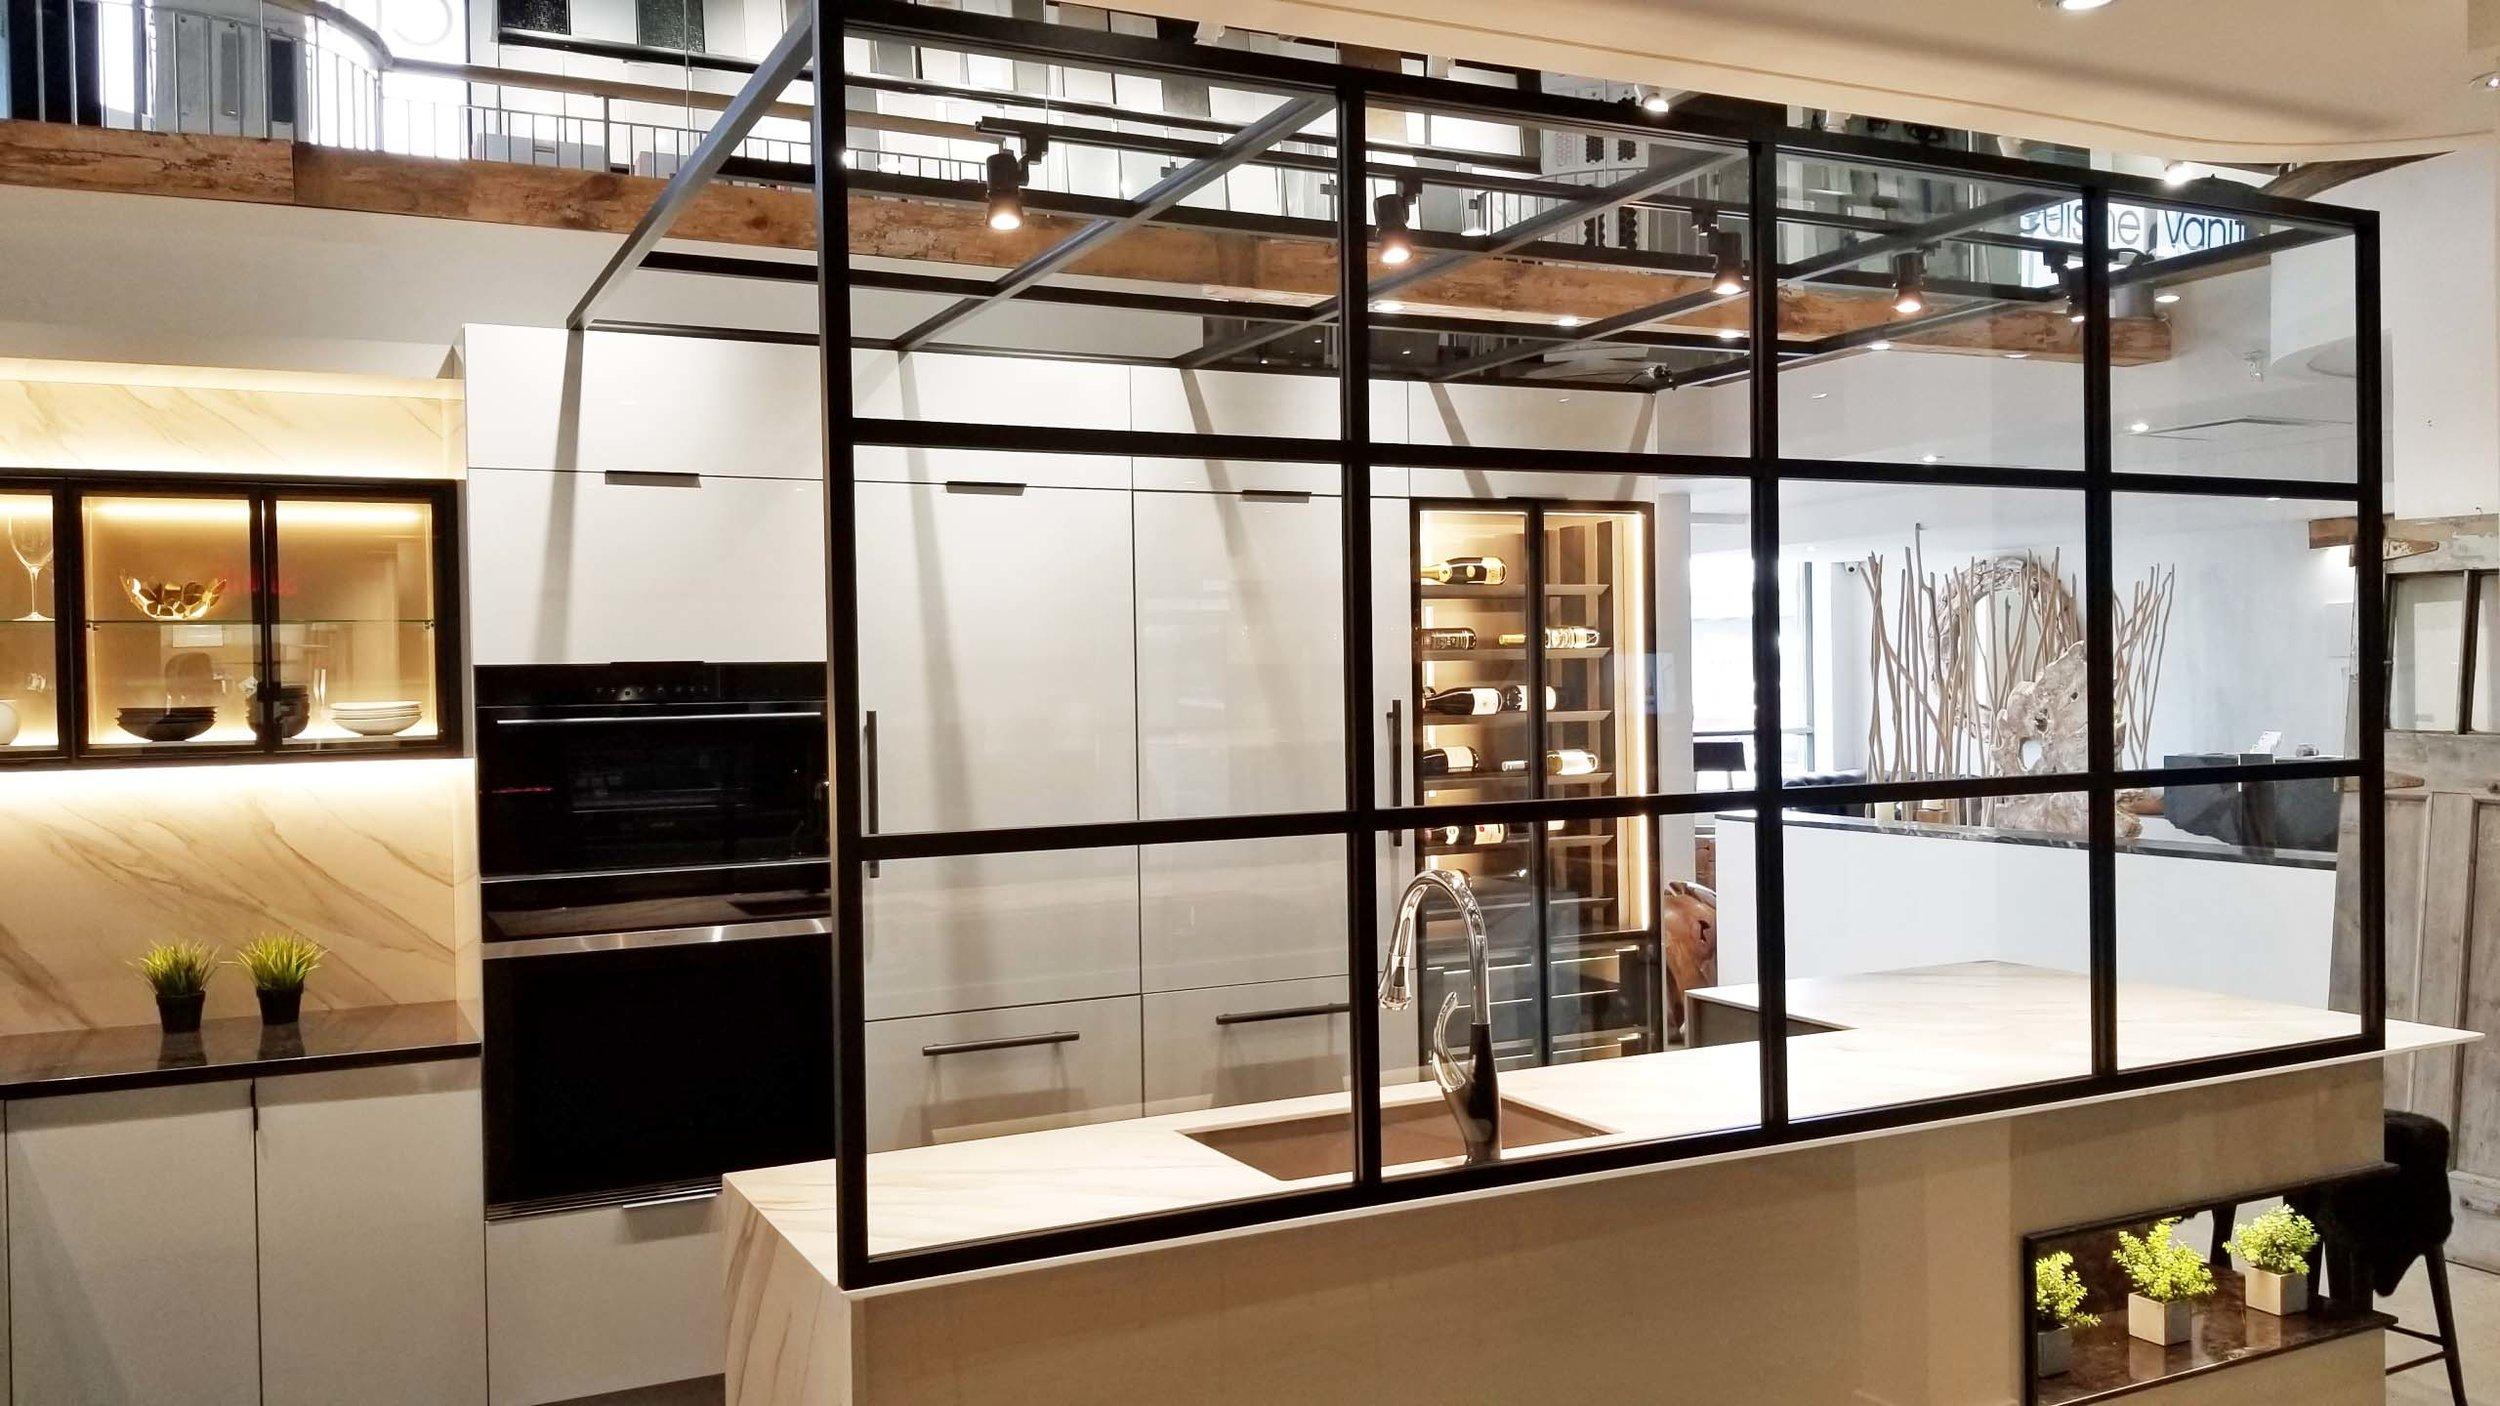 cuisine-contemporaine-verriere-4.jpg